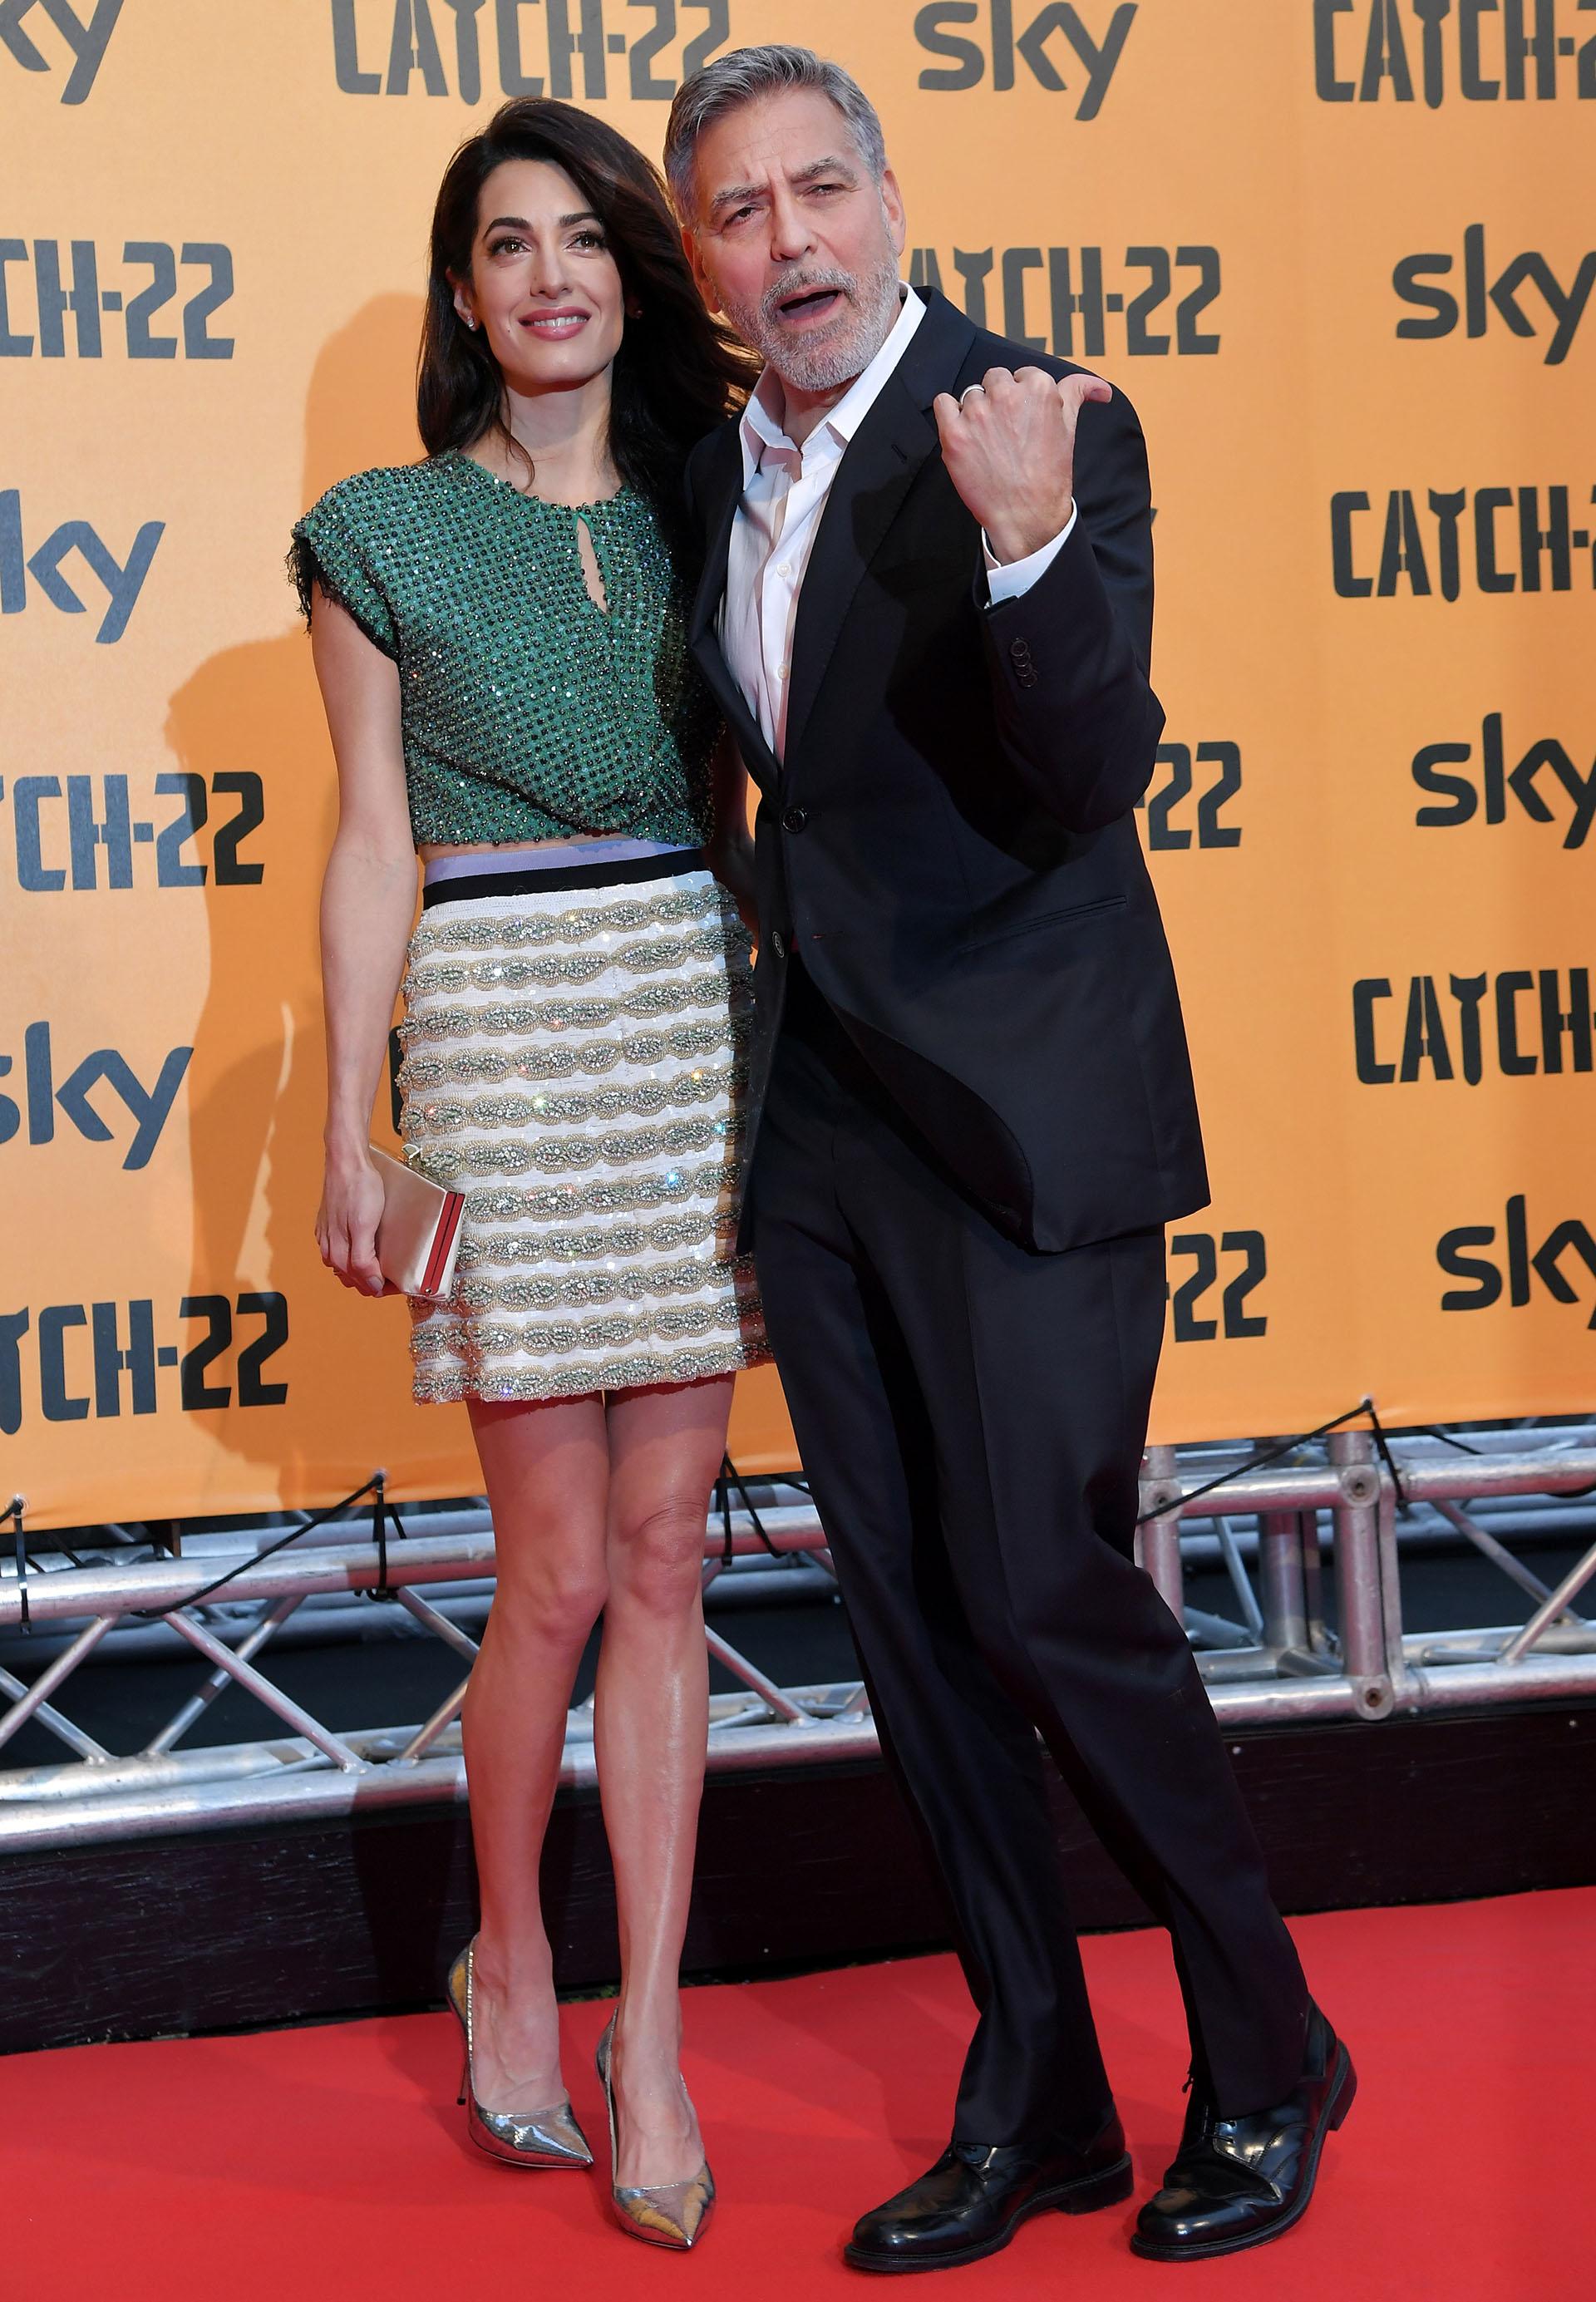 La pareja se conoció en 2013, cuando un amigo en común decidió presentarlos y el flechazo fue inmediato /// Fotos: AFP